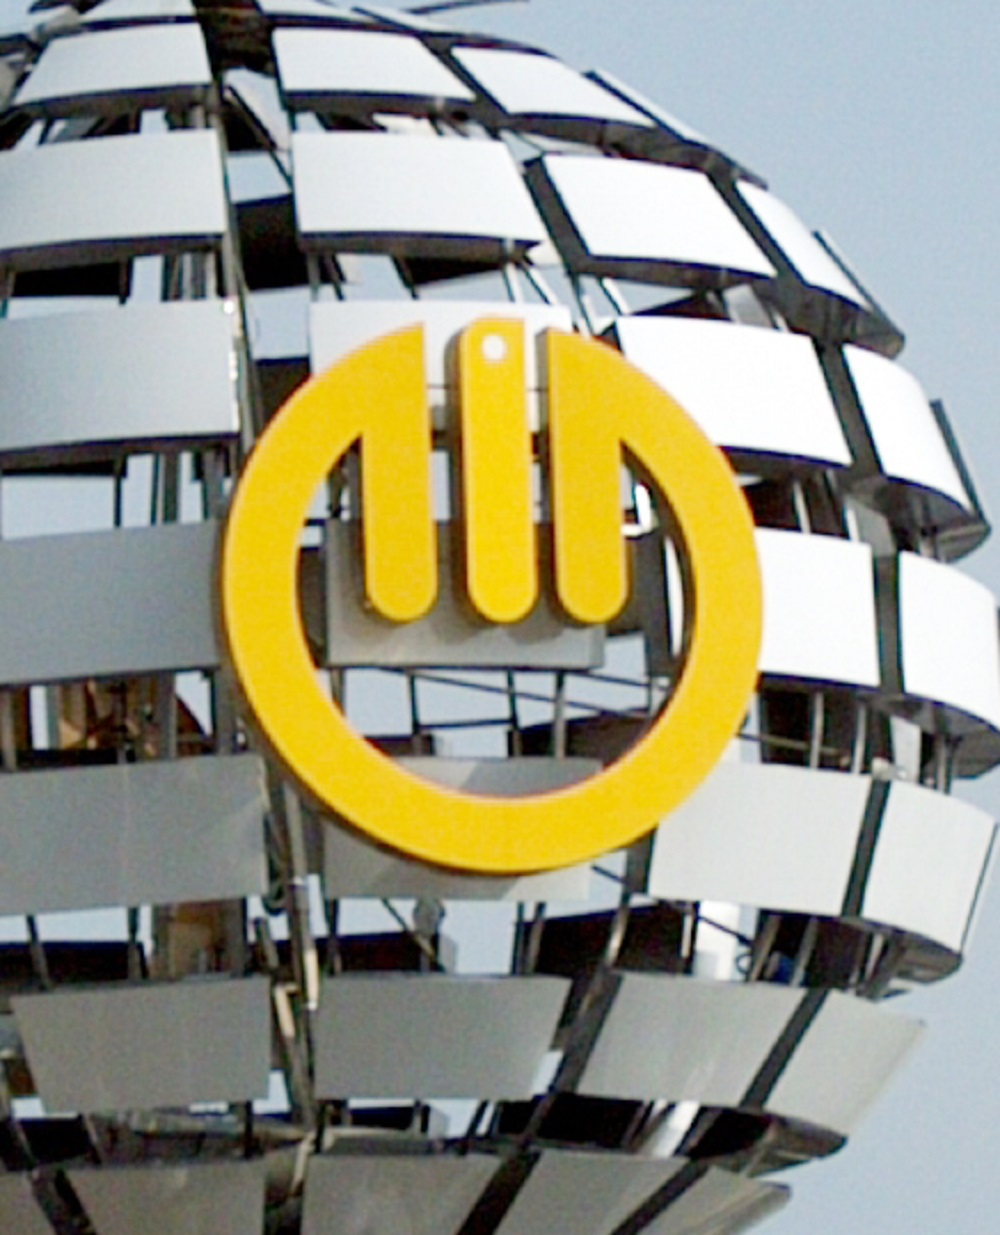 Челябинвестбанк поддержал проведение Форума и представил широкий